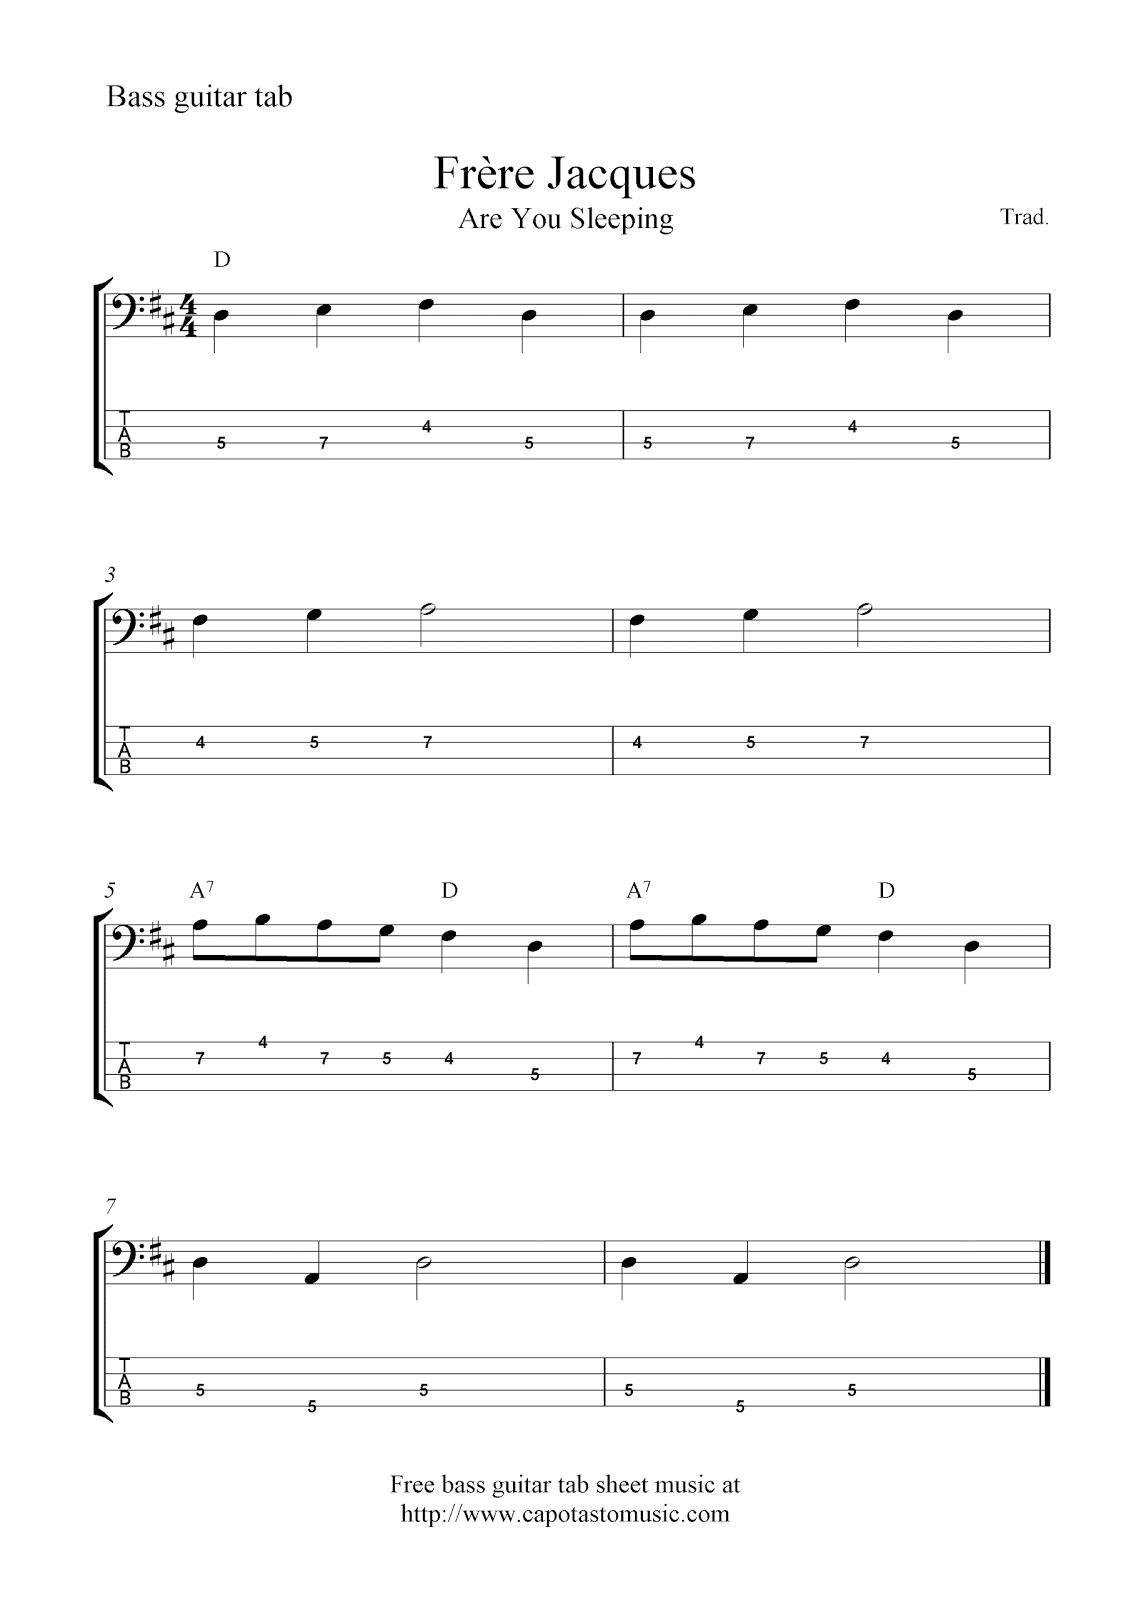 Free bass guitar tab sheet music, Fru00e8re Jacques (Are You Sleeping)